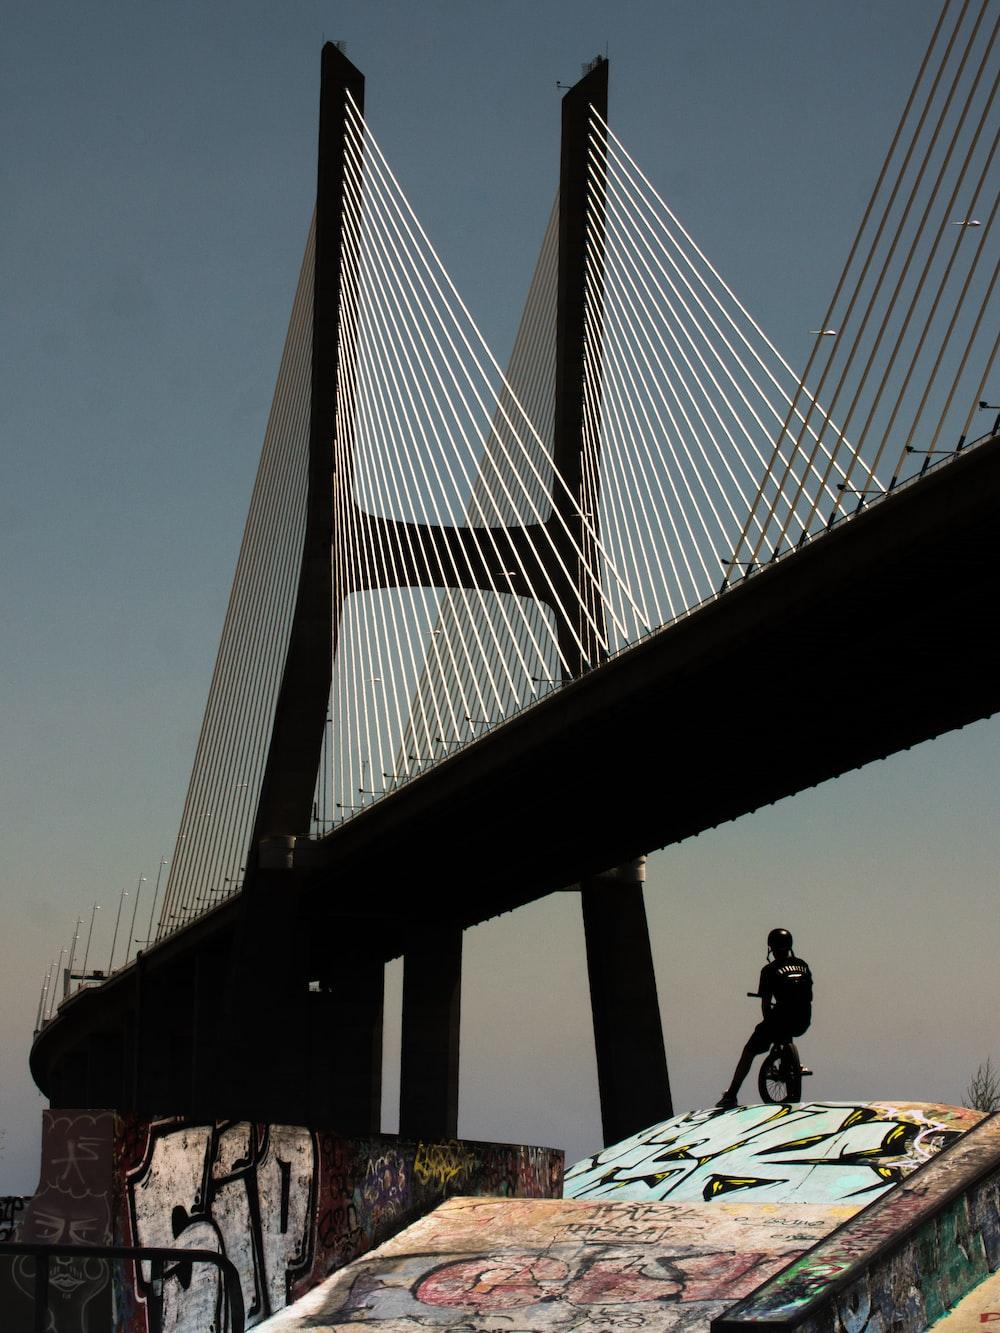 black metal bridge under white sky during daytime